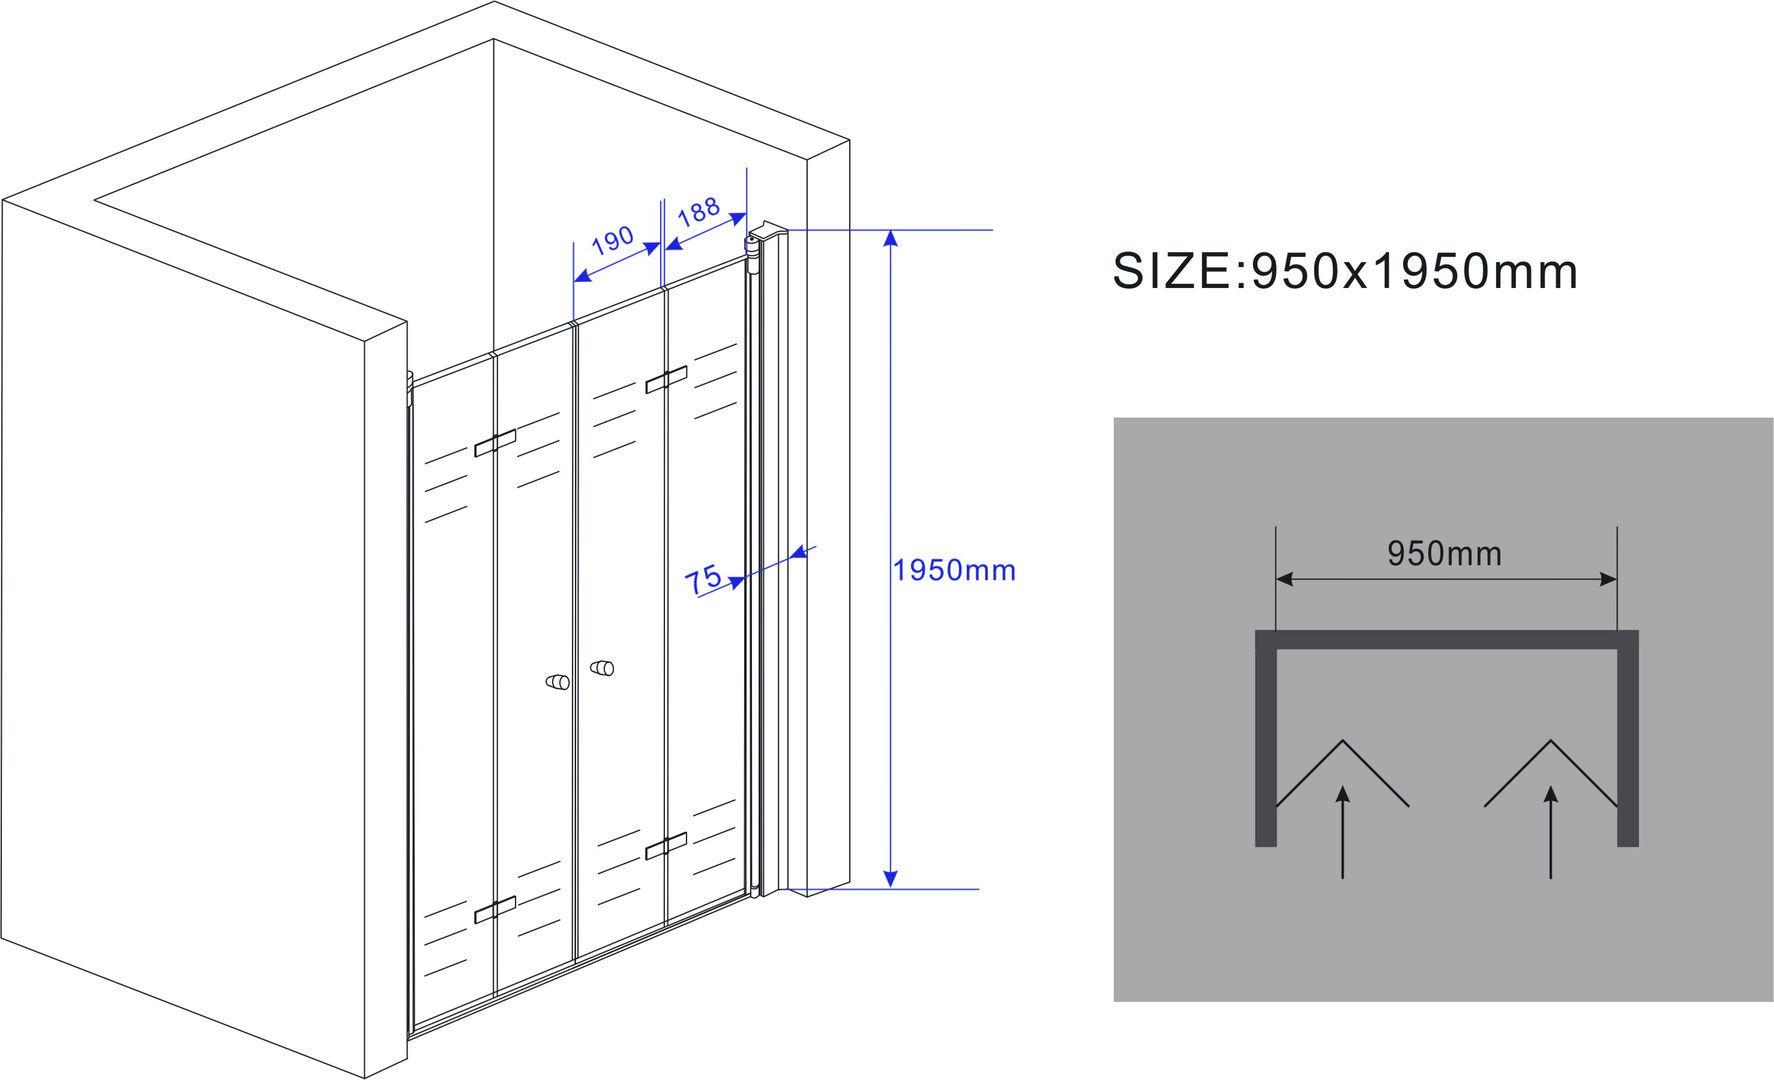 75-140-x-195-cm-faltbare-Nischentuer-Duschwand-Duschtuer-Duschabtrennung-Dusche